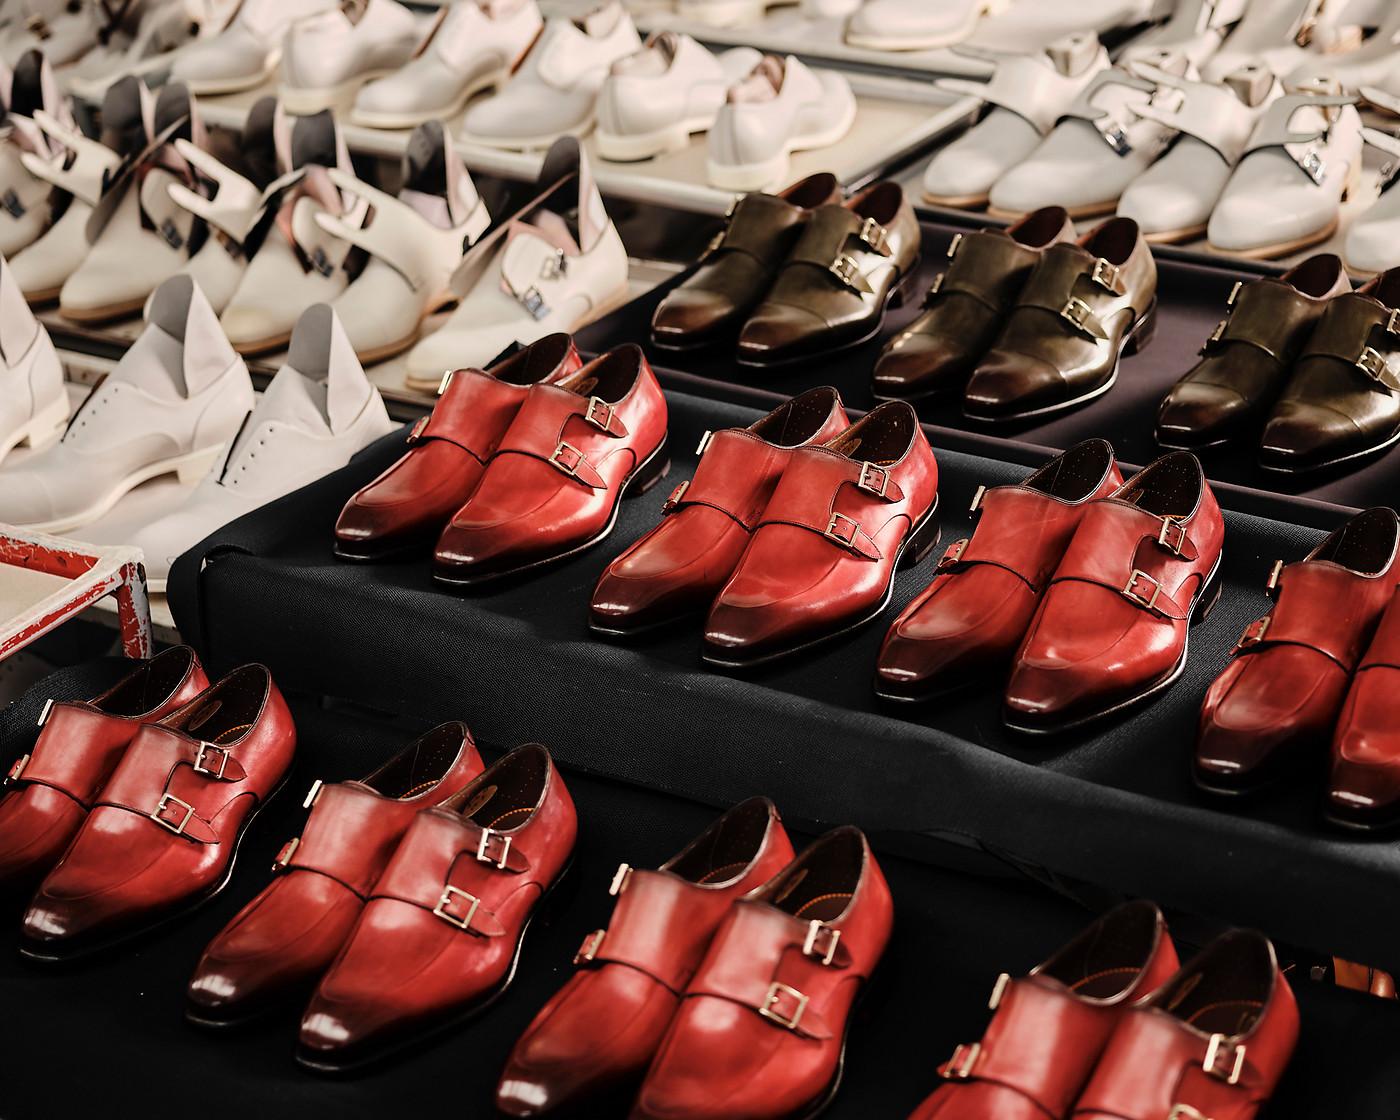 Chaussures de mariage Homme - Chaussures habillées Santoni - Soulery Toulouse